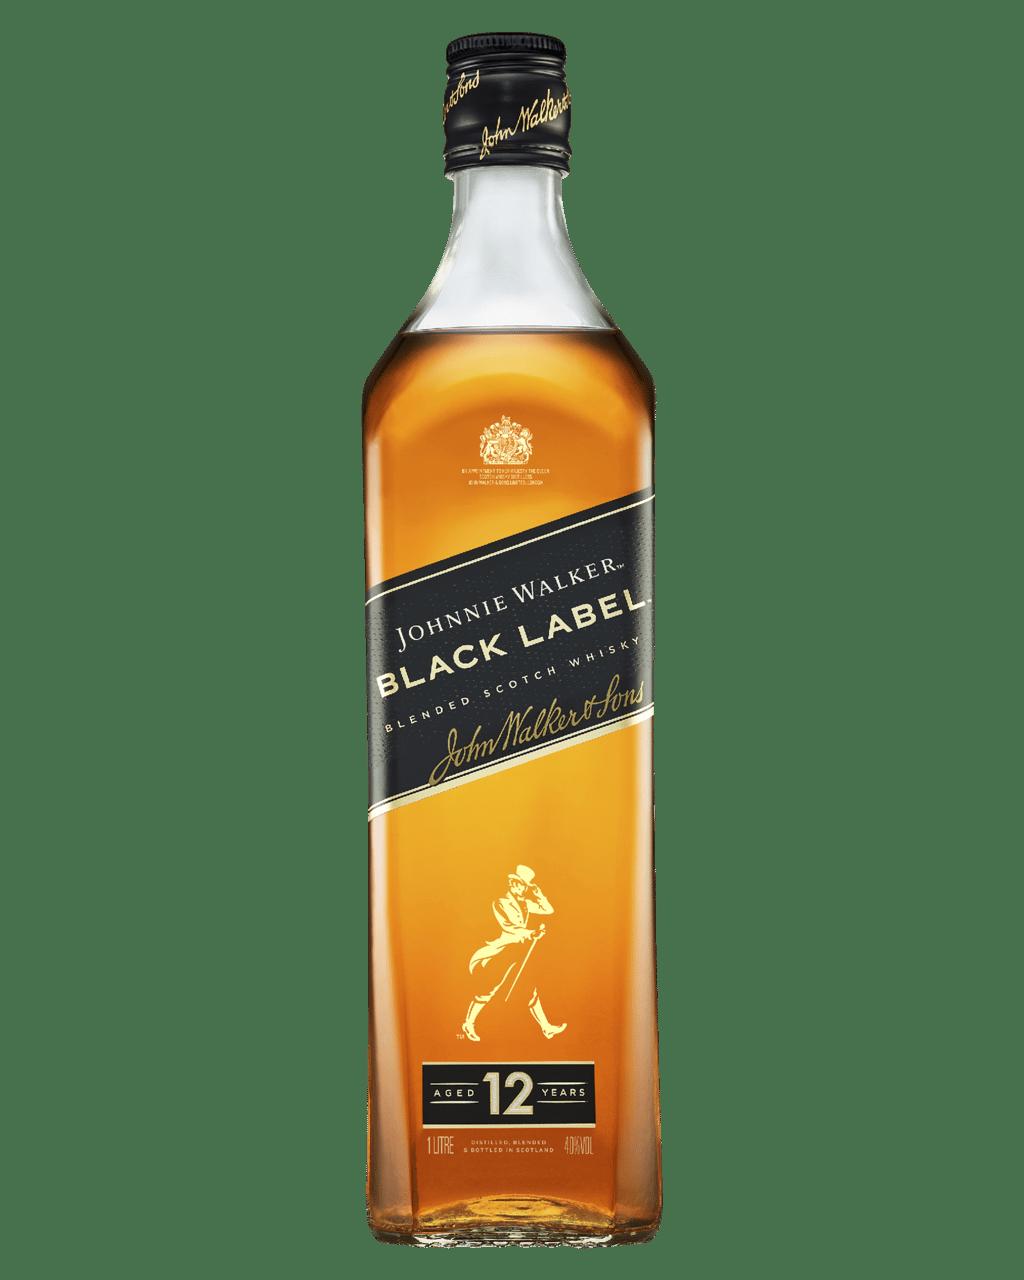 Buy Johnnie Walker Black Label Blended Scotch Whisky 1L